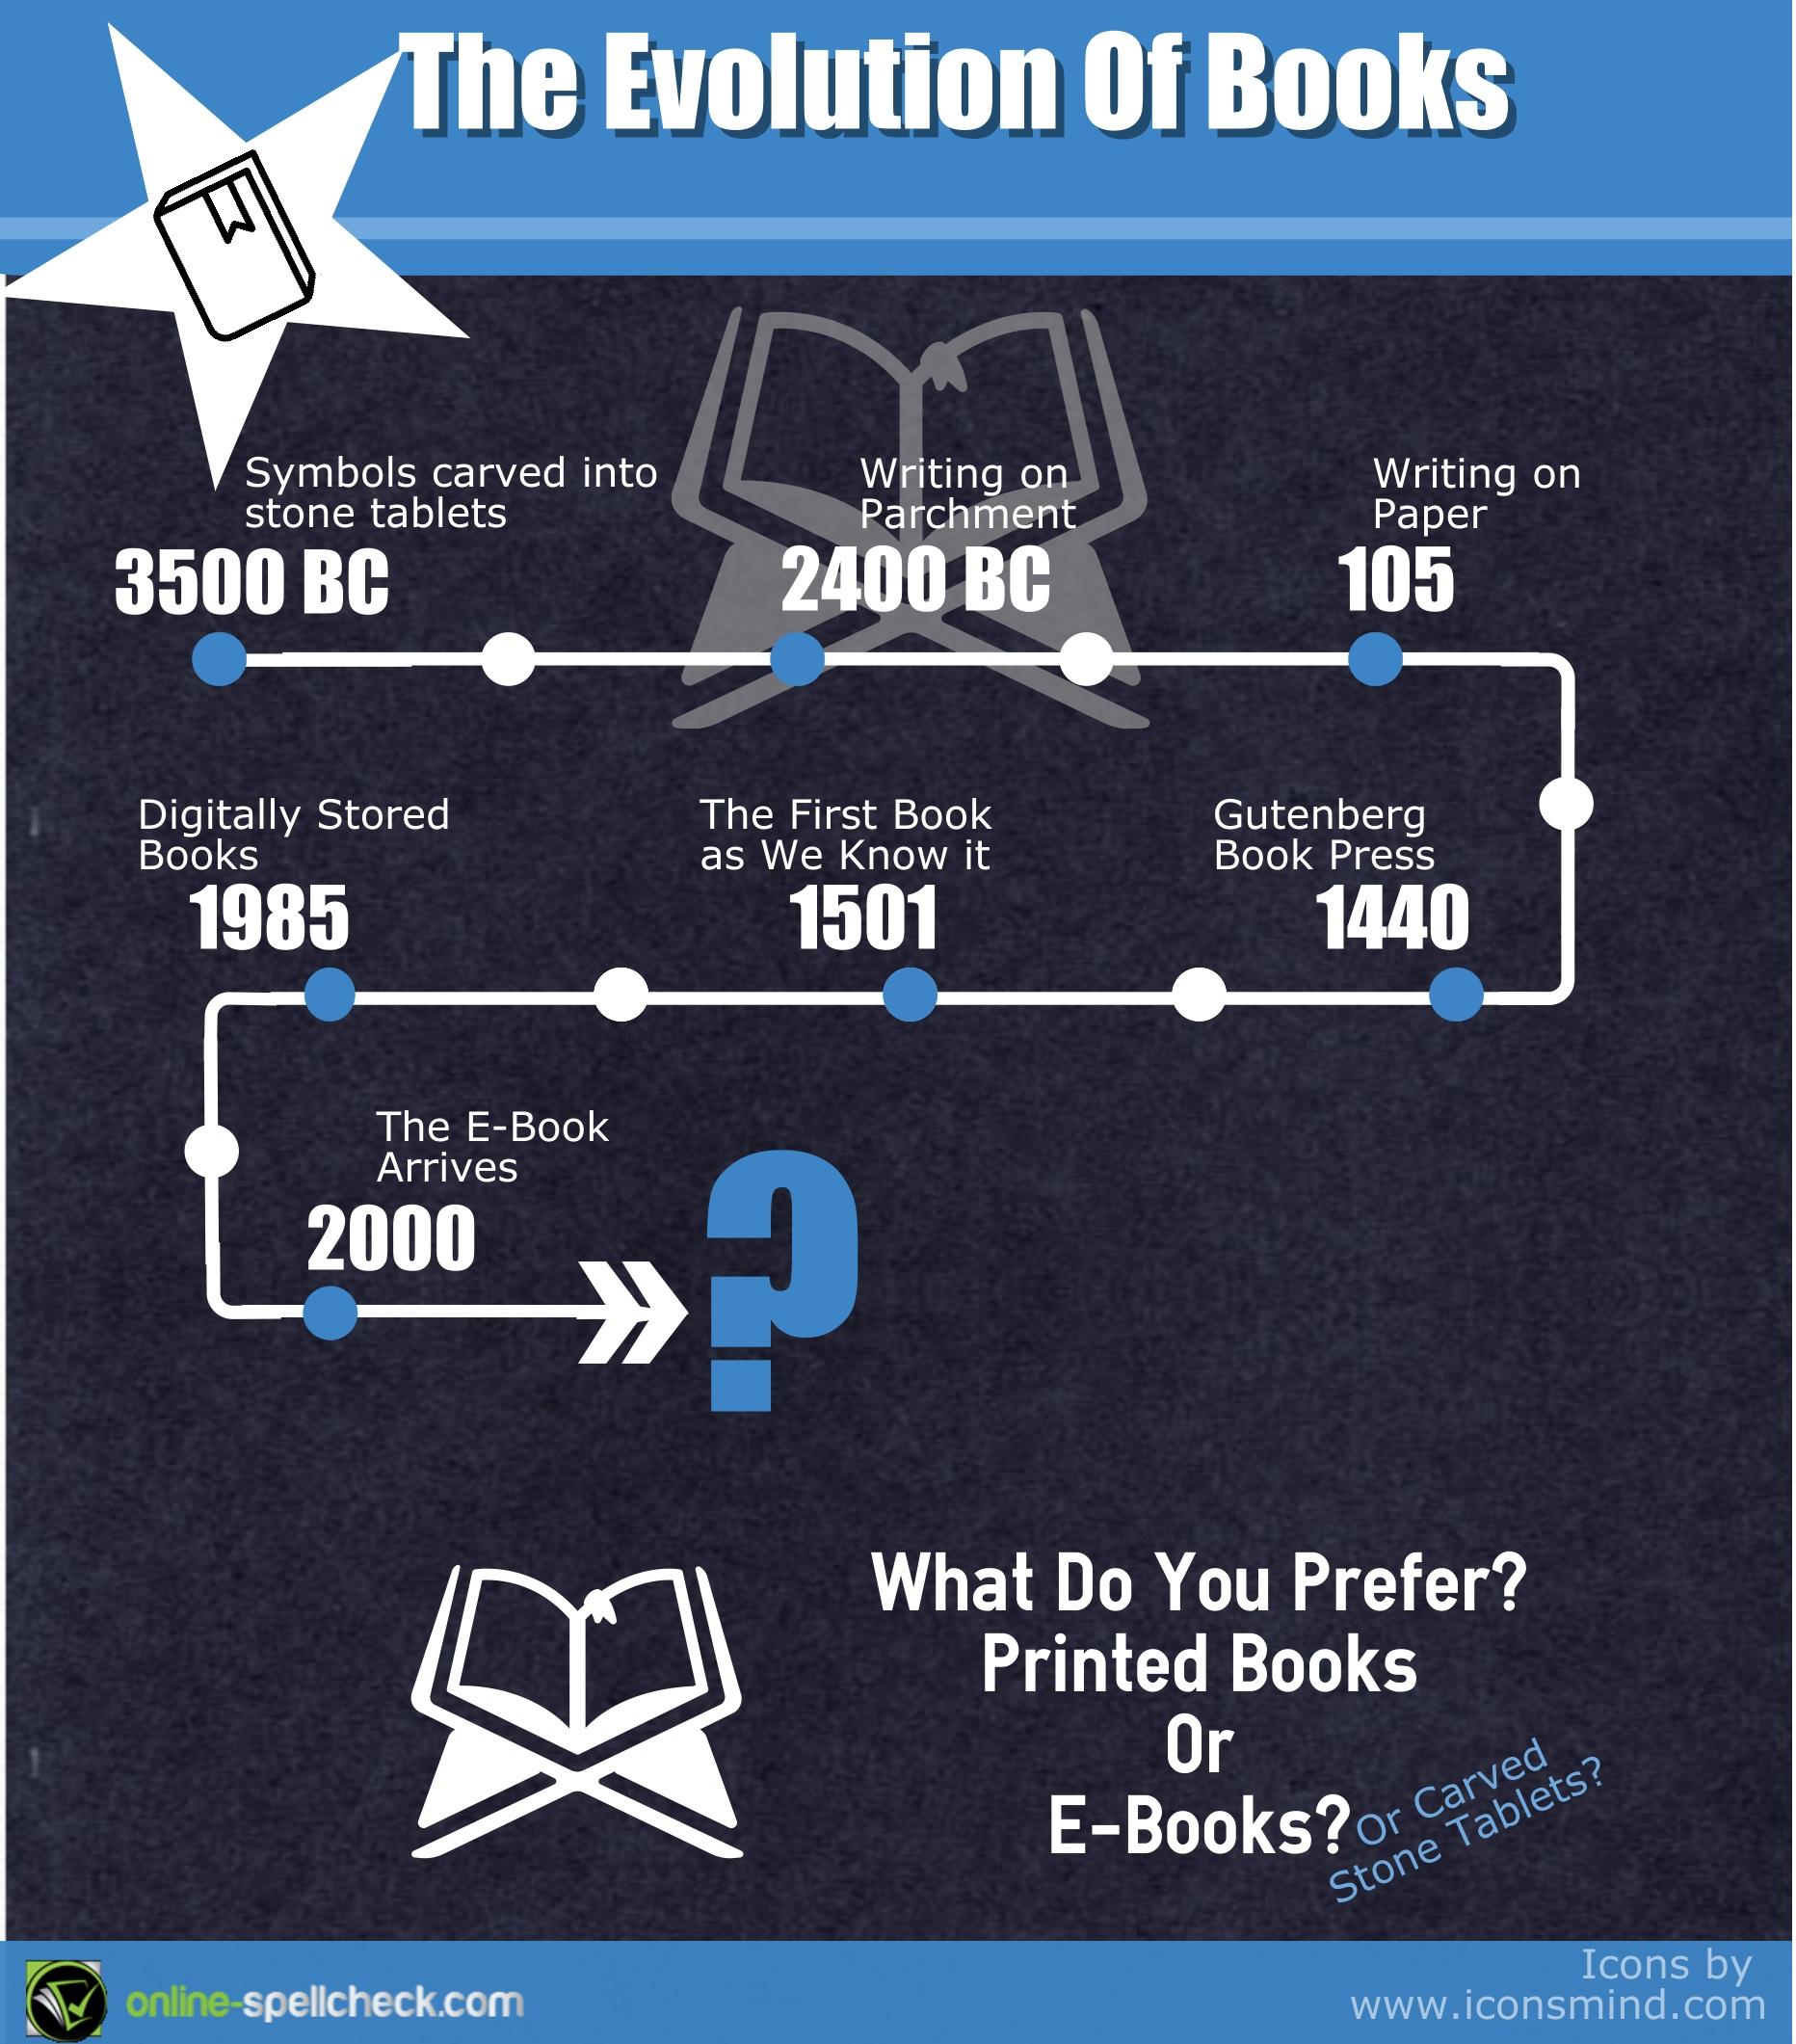 The Evolution Of Books Infographic Online Spellcheck Blog